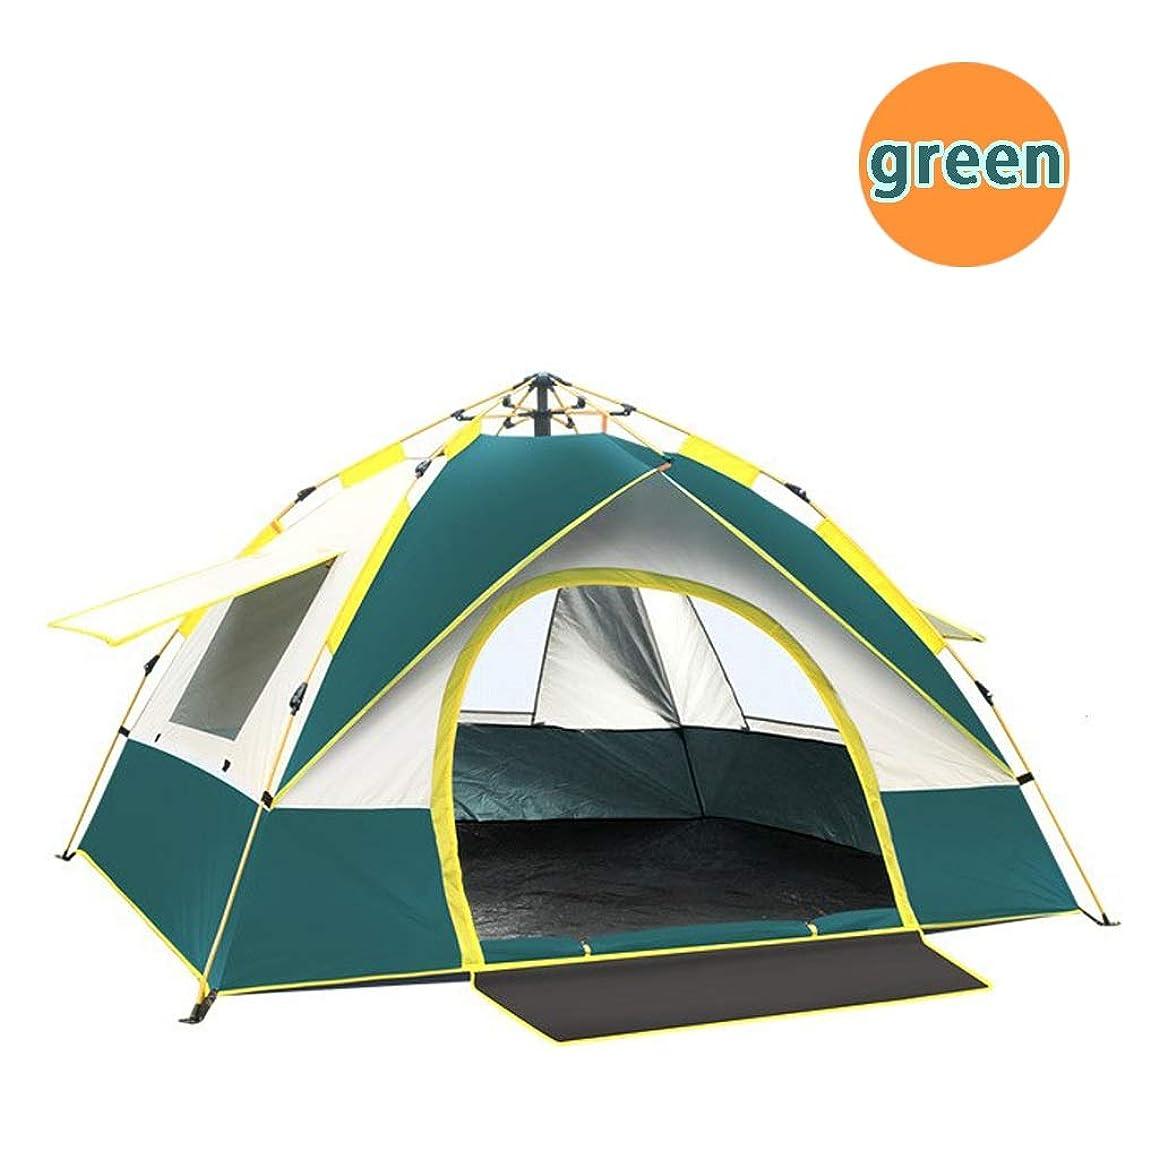 シート料理をする要旨冬のキャンプテント、2人用バックパッキングテント防水防風ドームテントキャンプ用雪と寒さハイキングハイキングバックパッキング登山